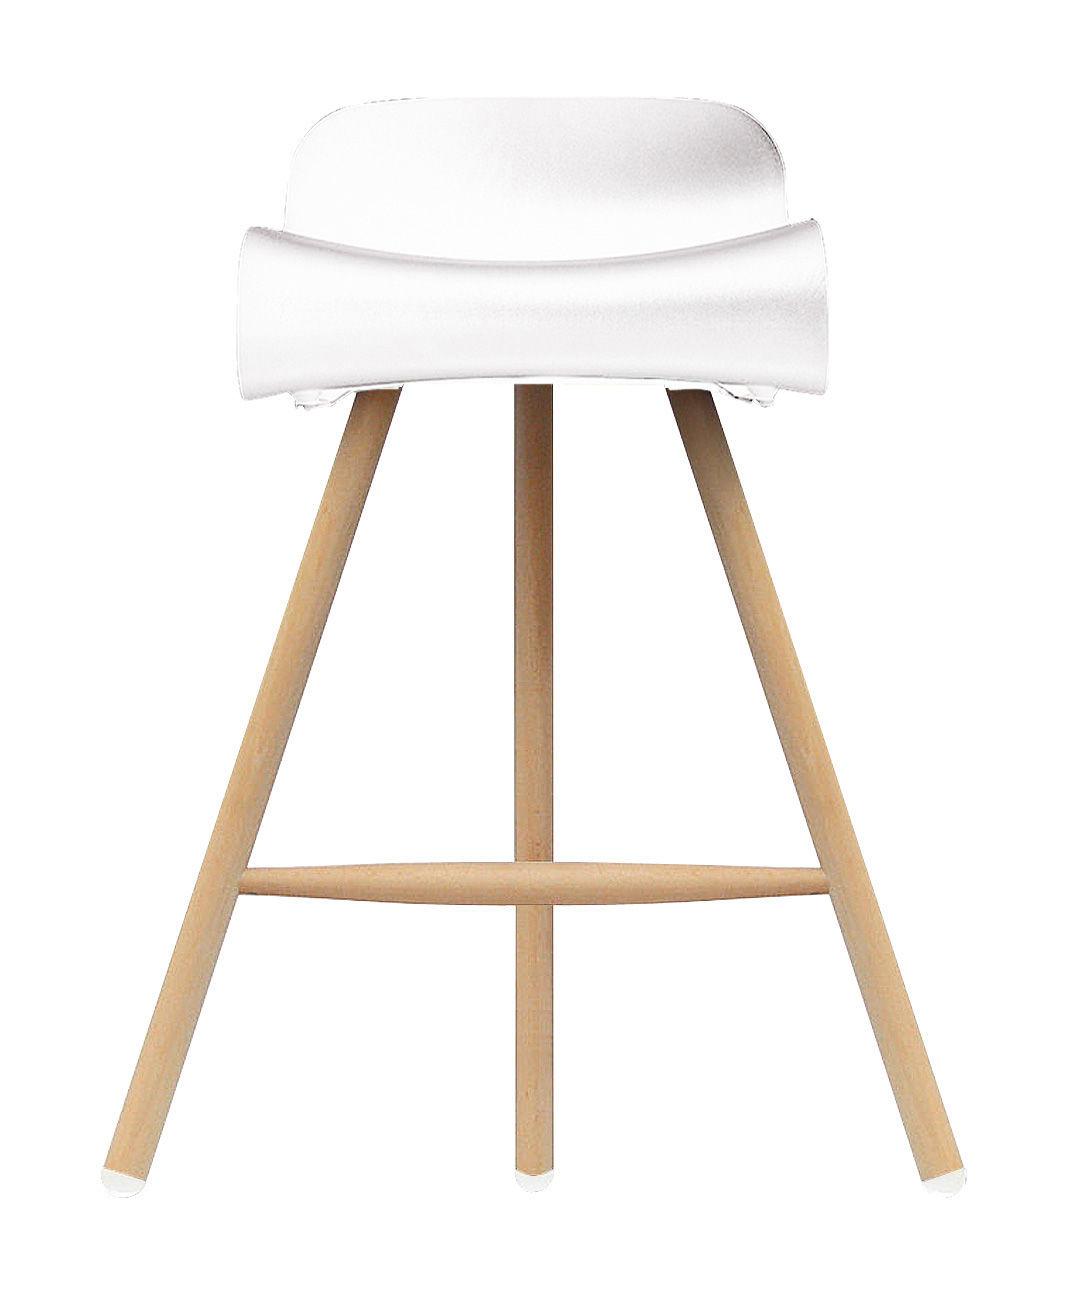 Möbel - Barhocker - BCN Wood Barhocker H 66 cm - Stuhlbeine aus Holz - Kristalia - Holz natur / weiß - Buchenfurnier, Plastikmaterial